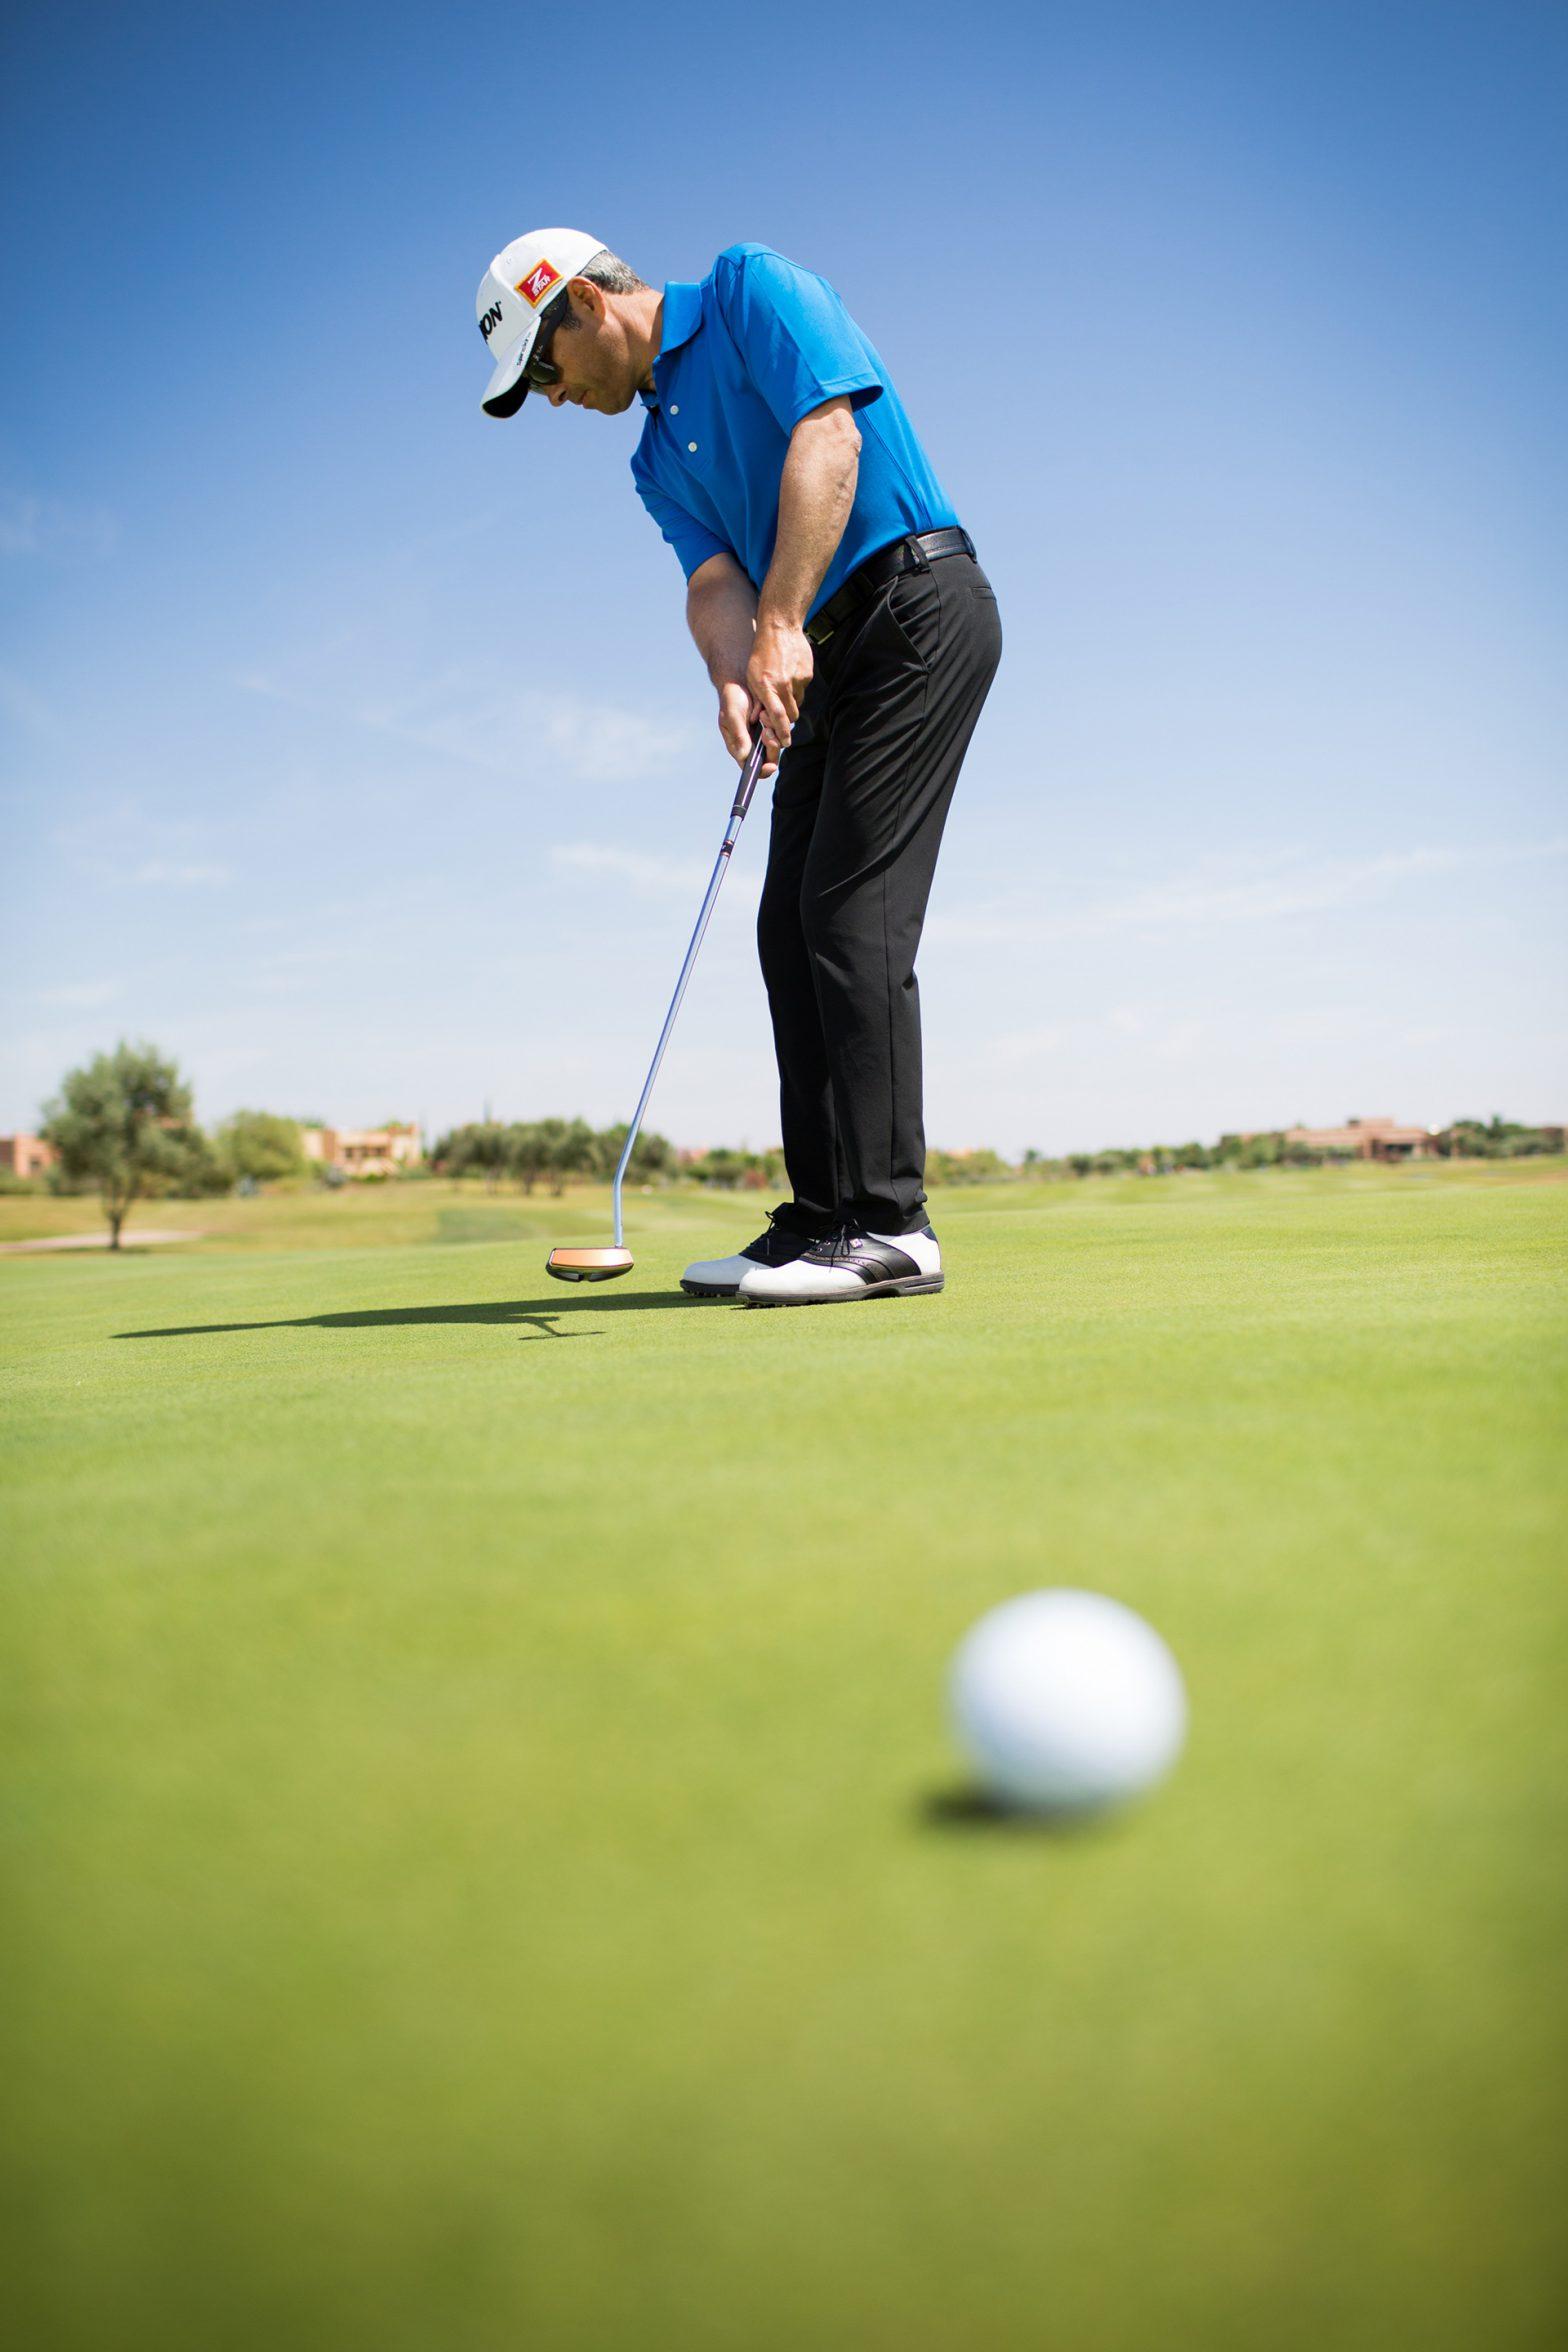 Les conseils de Jean-Emmanuel Elbaz dans le magazine DMGolf | Enphase Golf